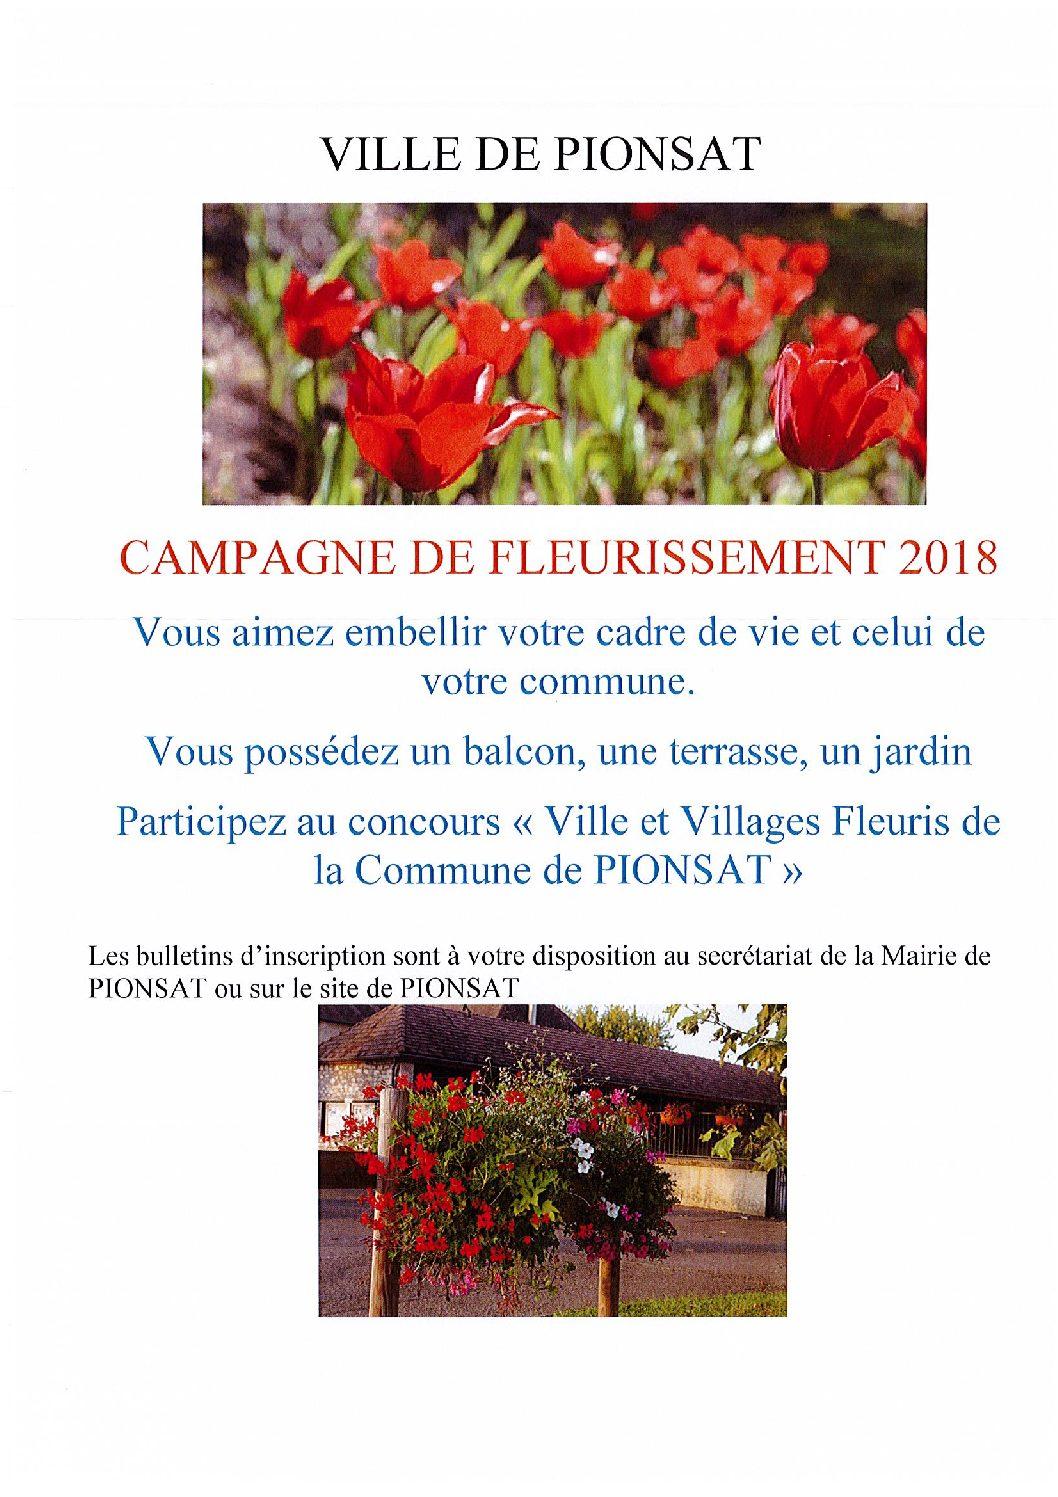 Concours «Villes et villages fleuris»